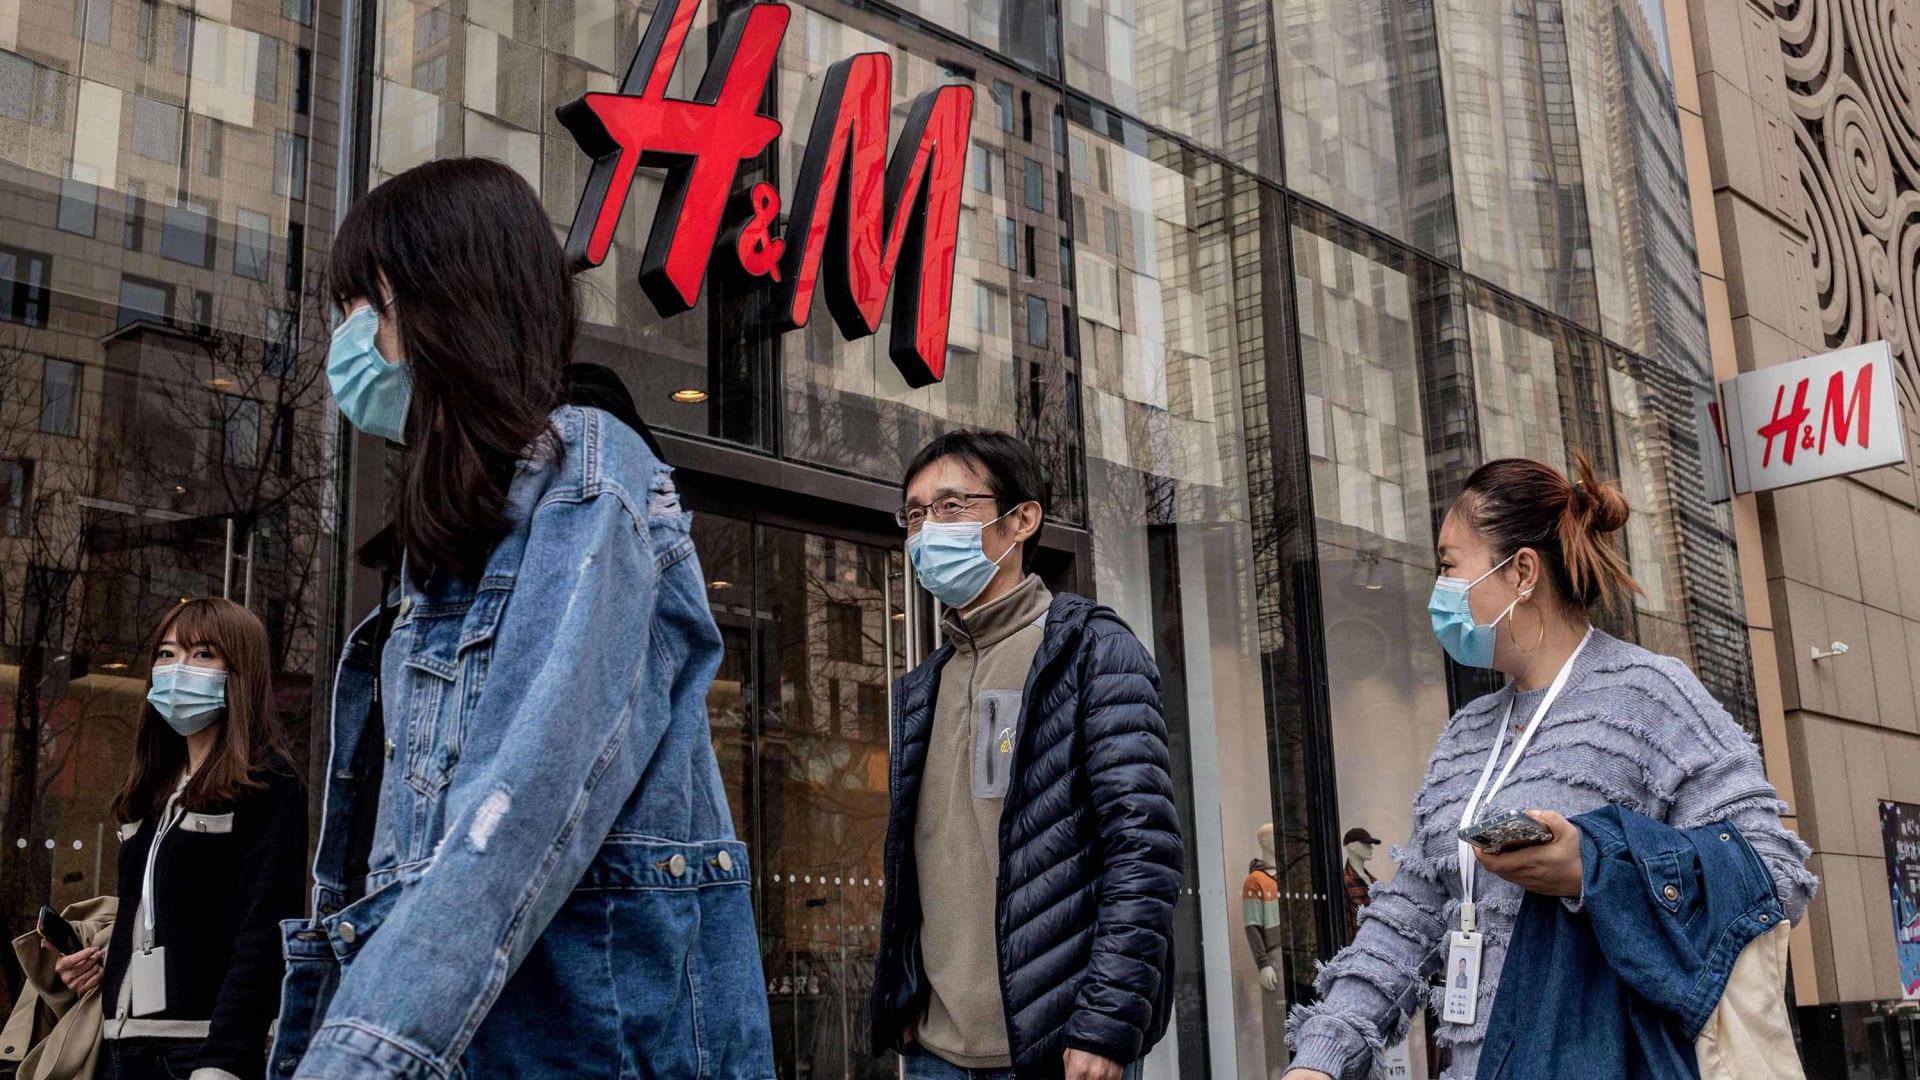 الصين تهدد علامات تجارية بالمقاطعة بعد انتقادها انتهاكات حقوق الإنسان في شينجيانغ